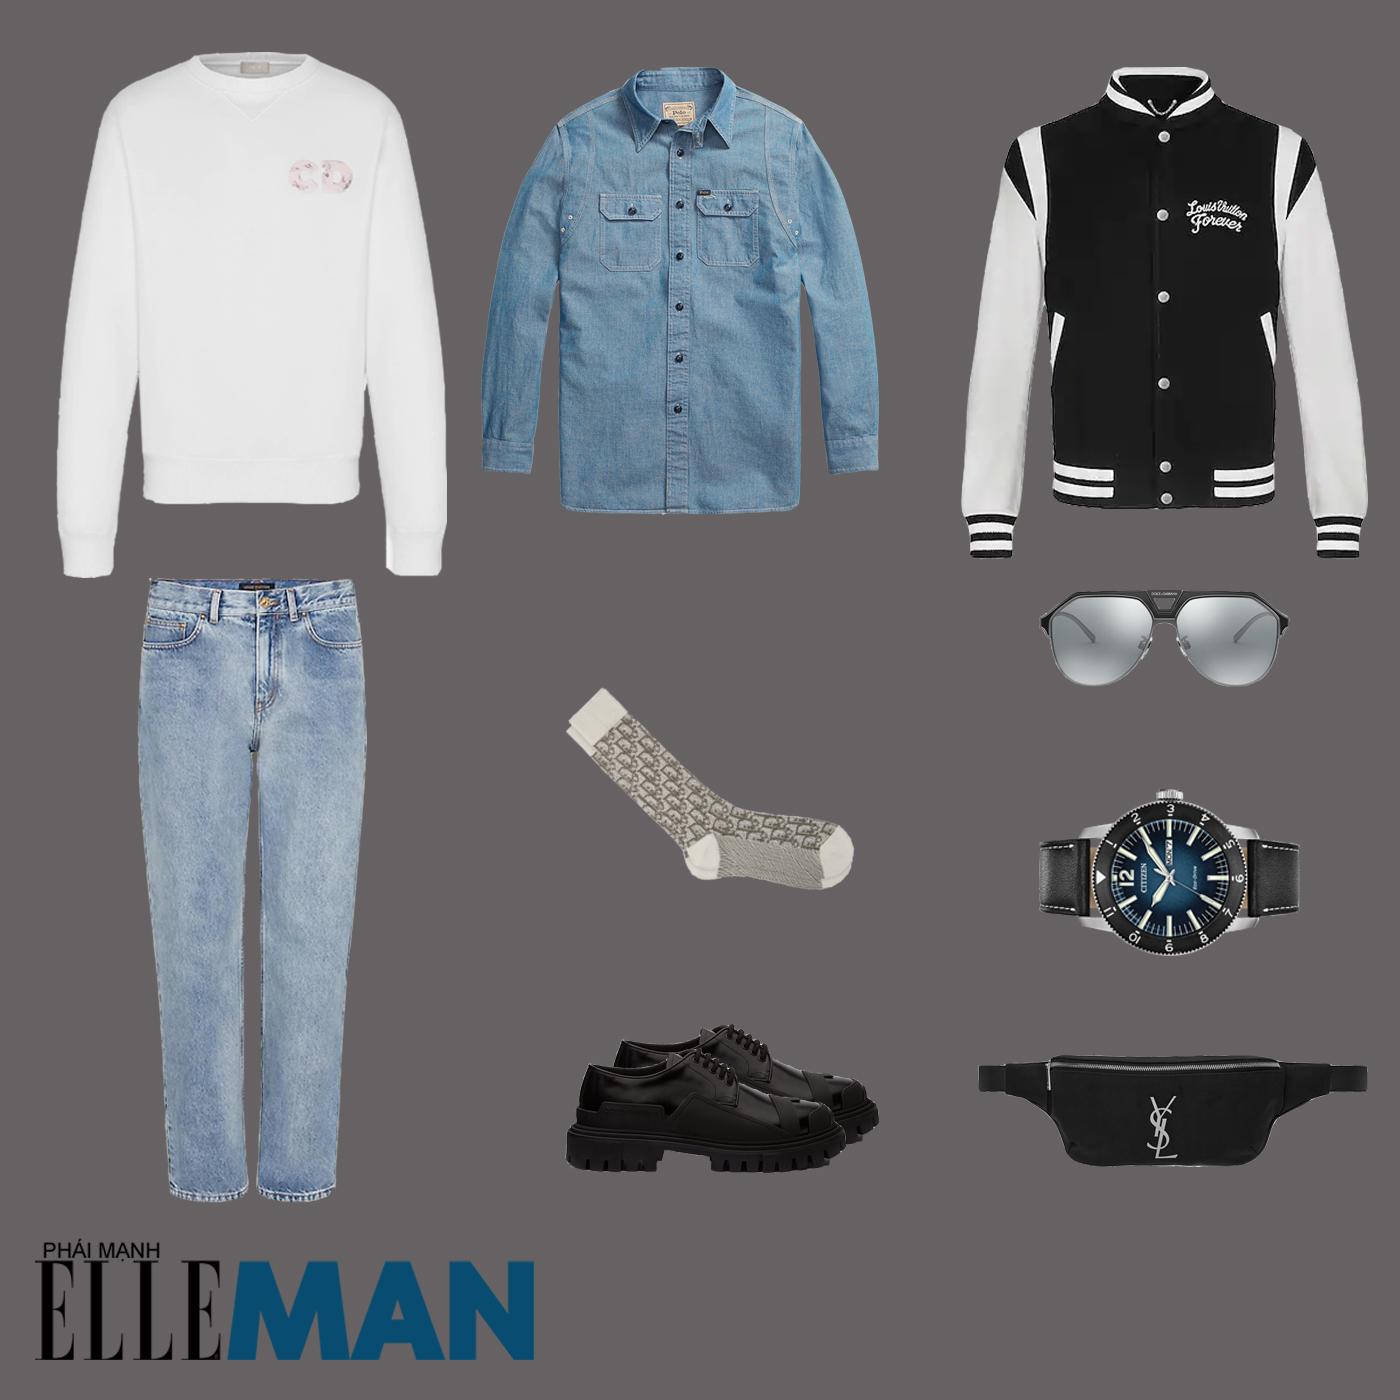 outfit 5 - phối đồ phong cách ametora